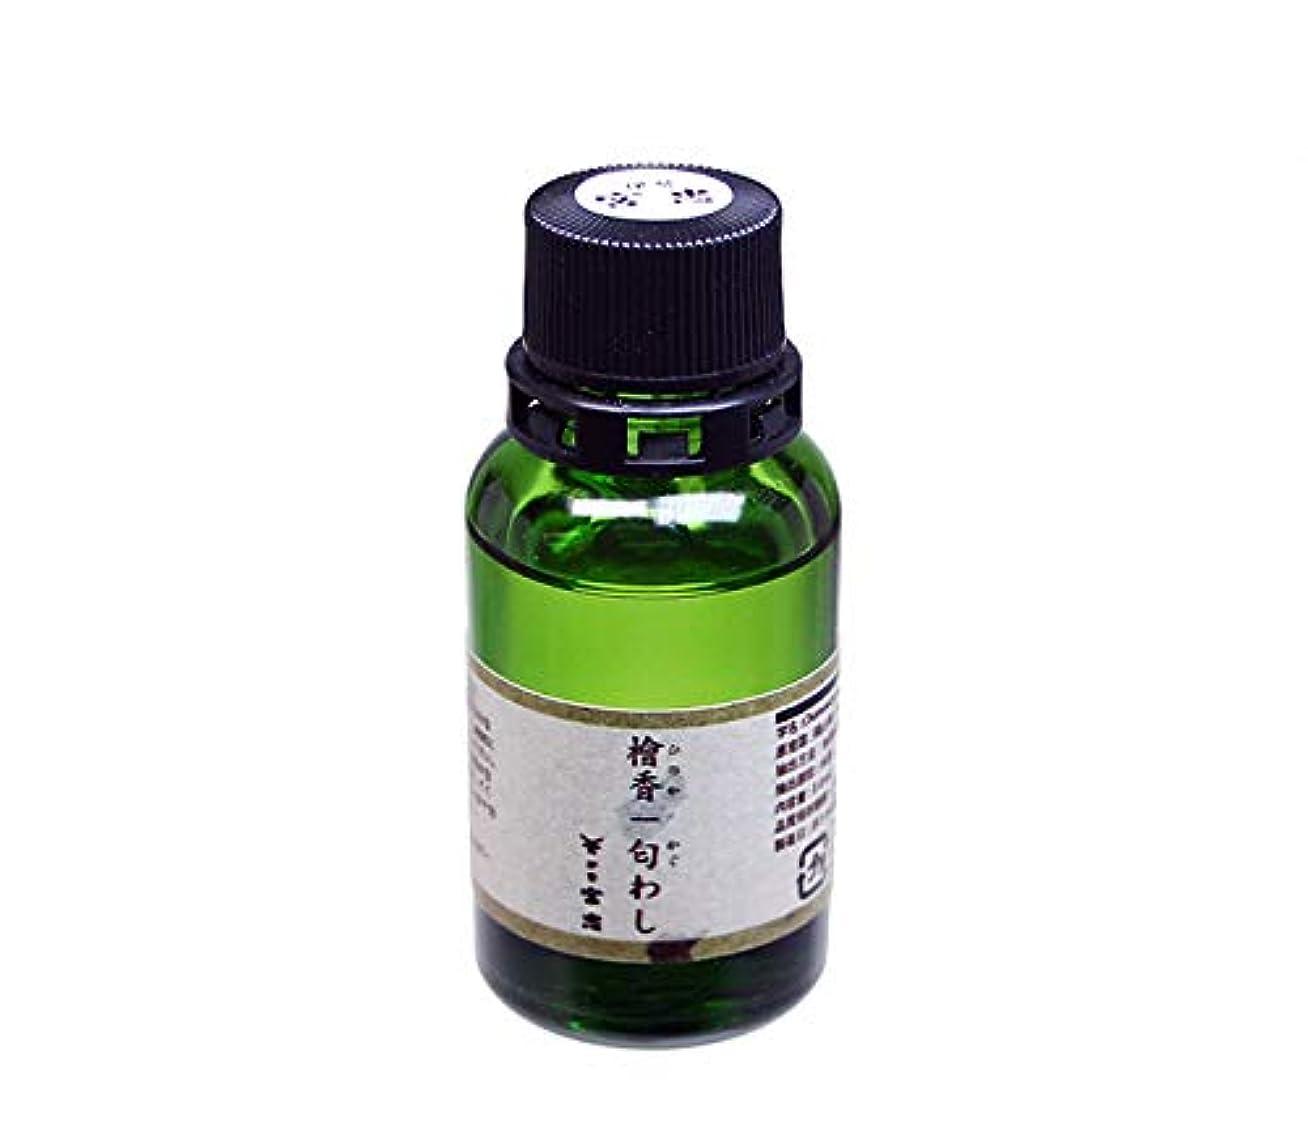 マウス悪化させる標準桧 精油 エッセンシャルオイル 檜香(ひのか) 匂わし 30ml